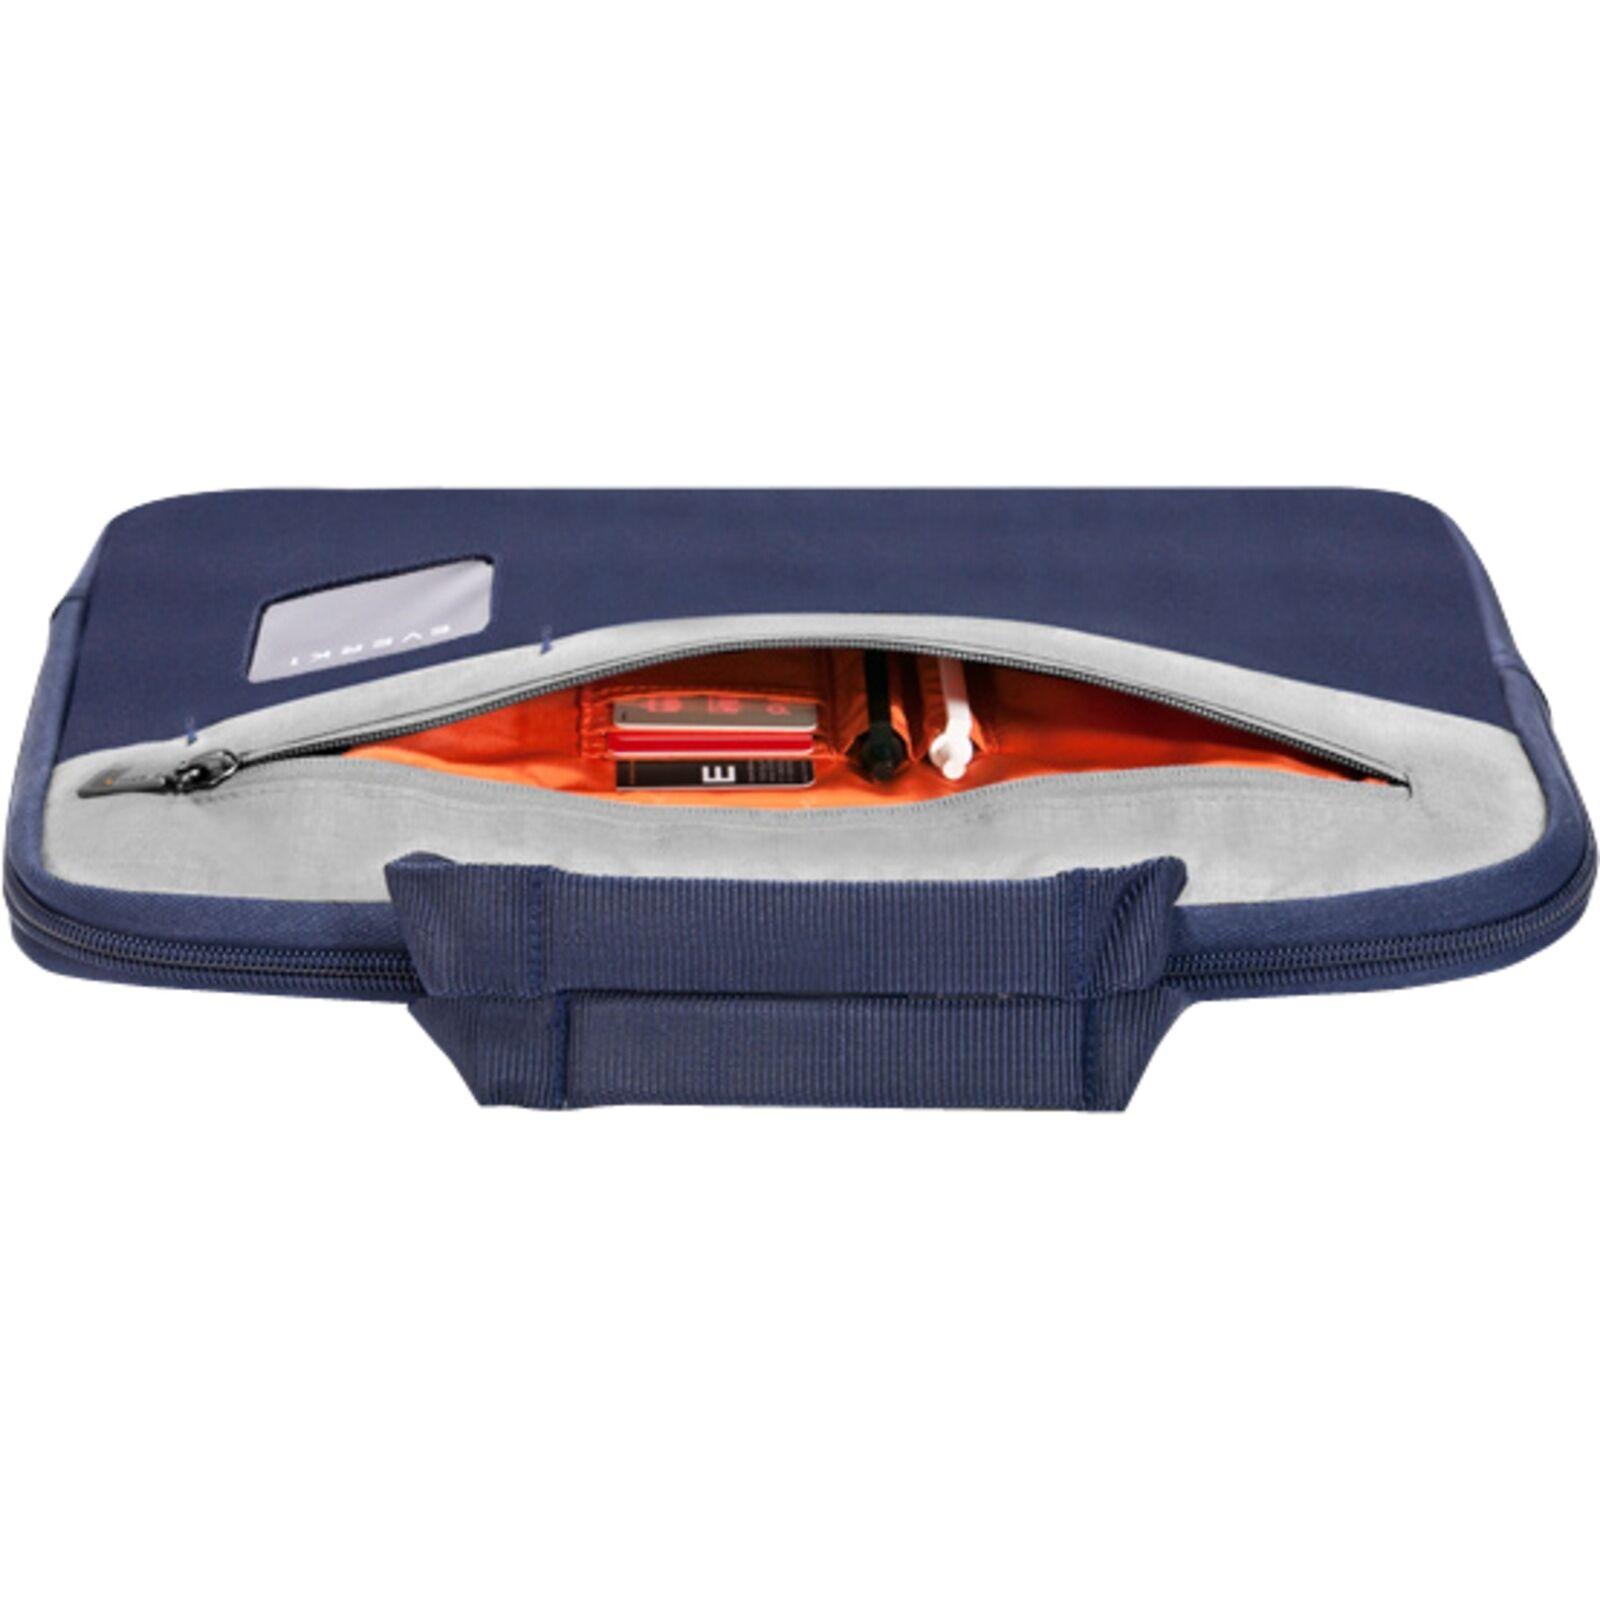 Everki ContemPRO Laptop Hülle Sleeve 11,6 Zoll Neu One Size 2.3 Liter Laptophüllen